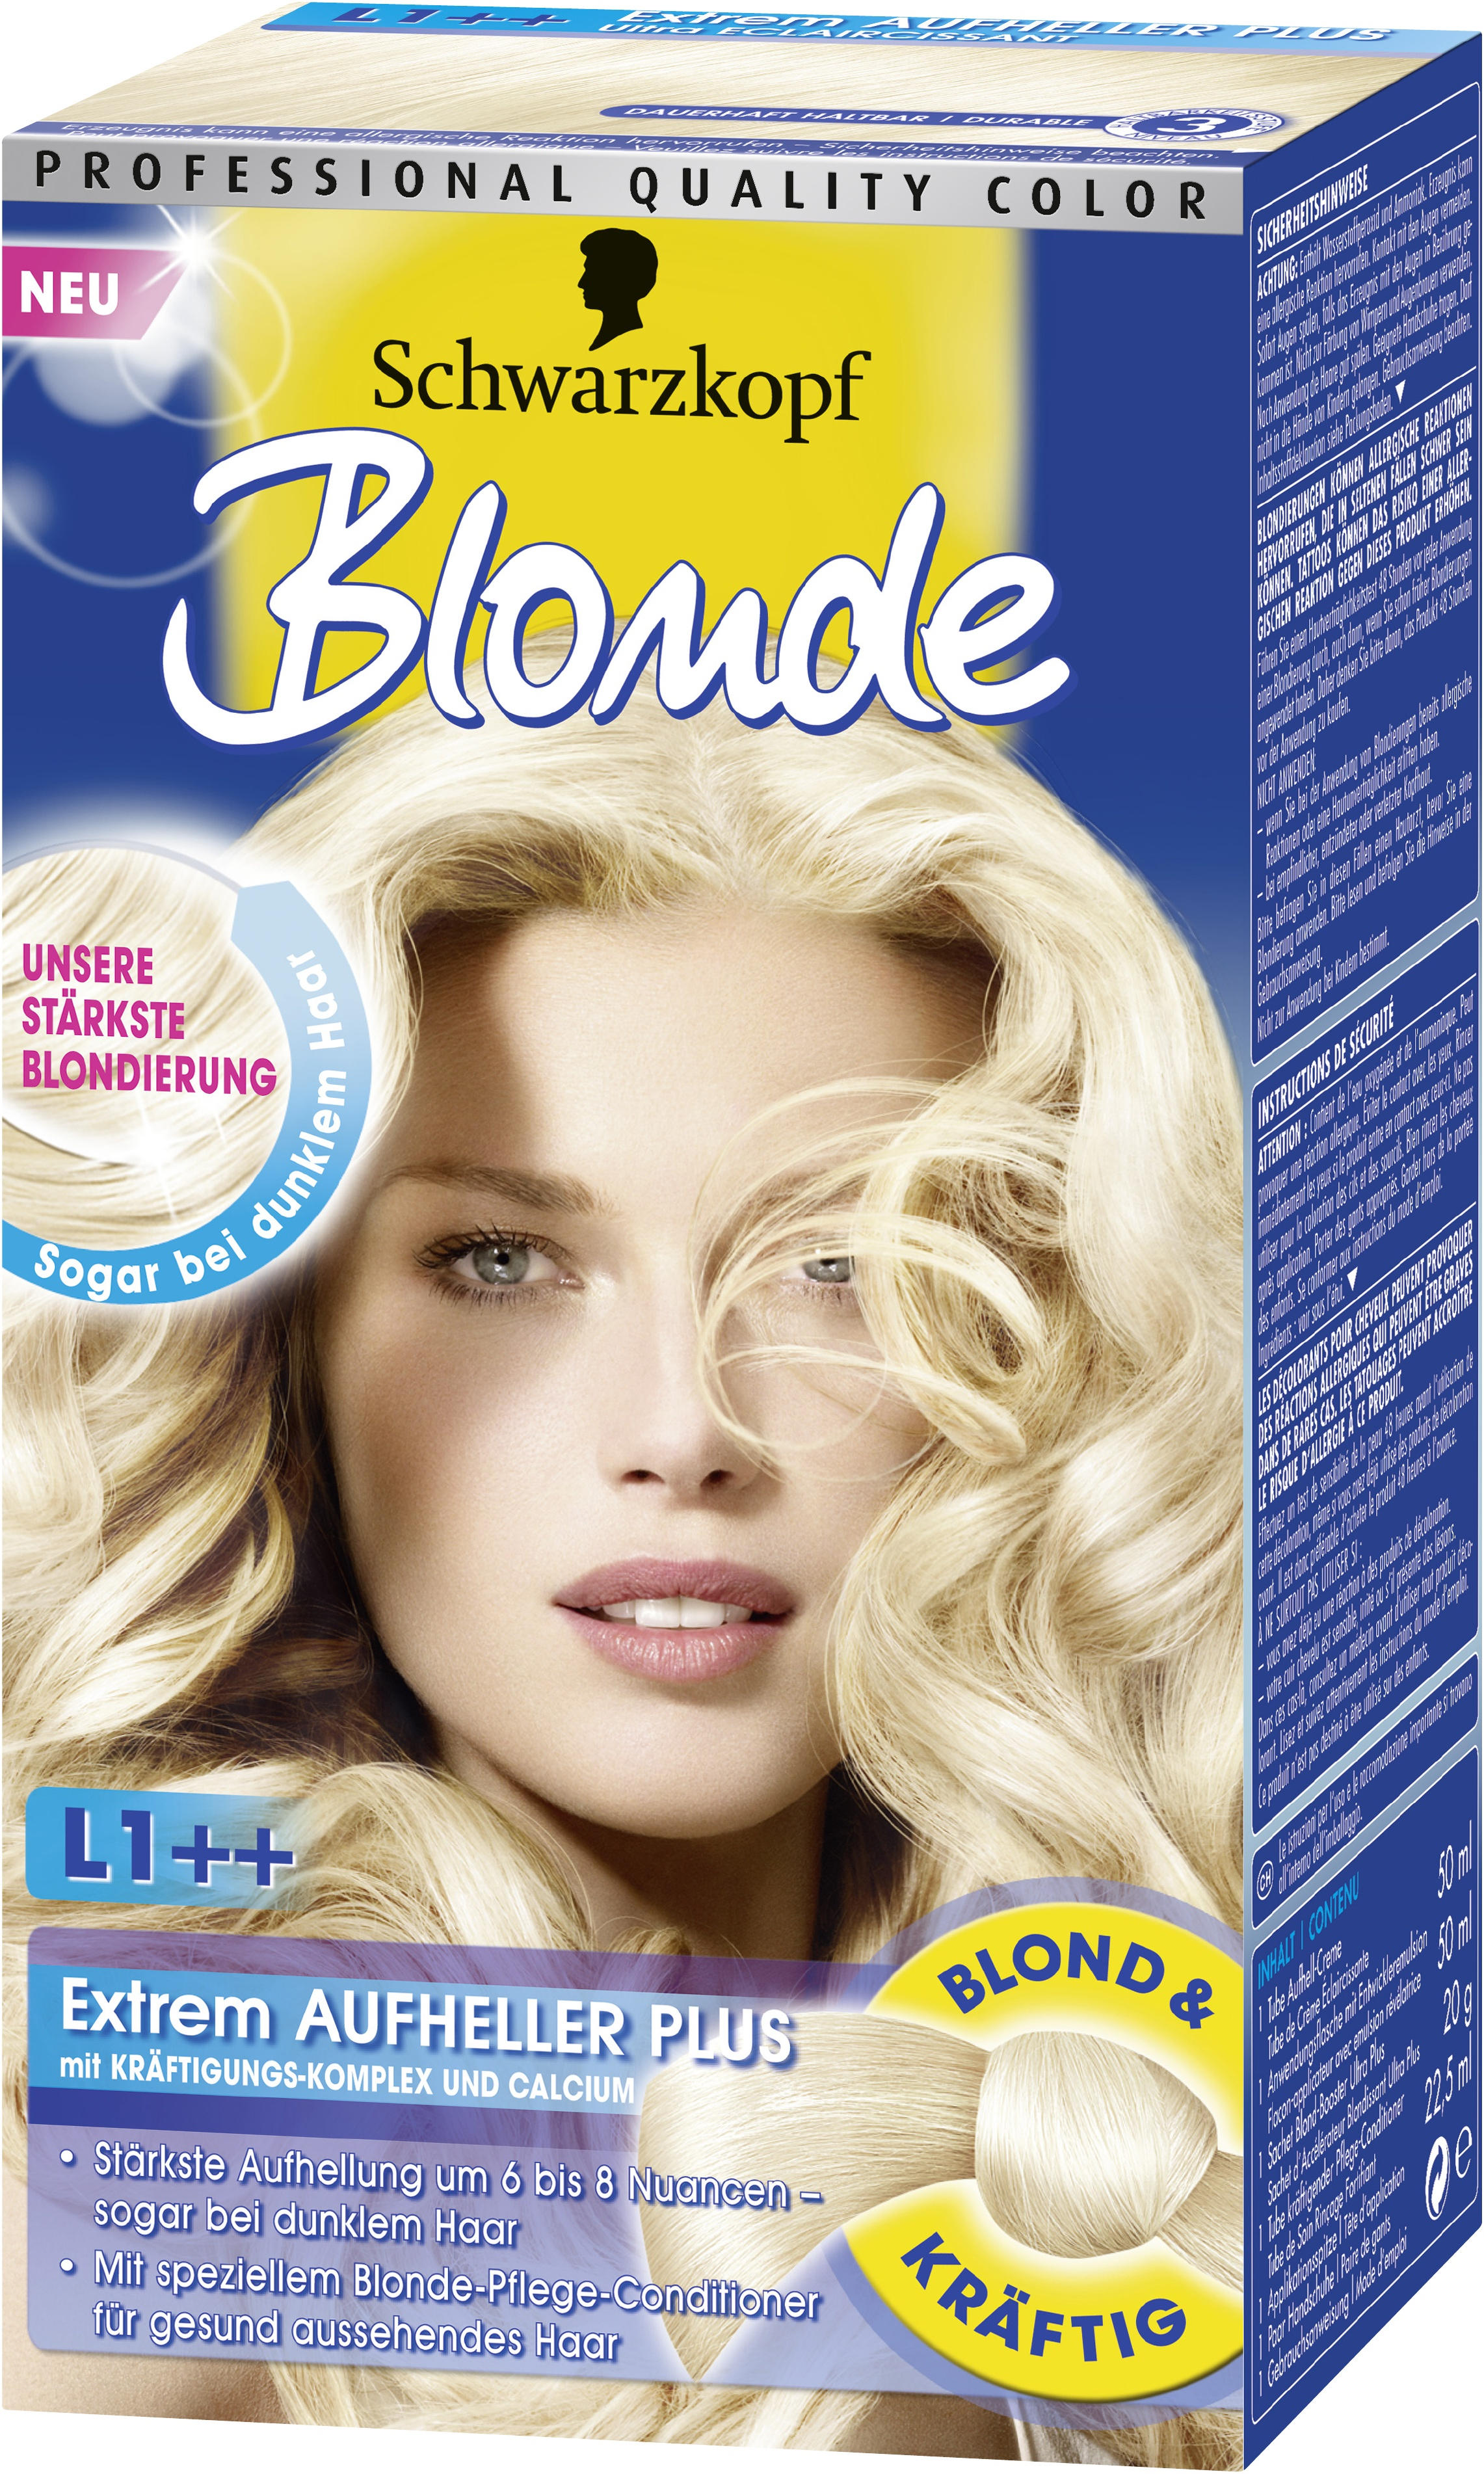 zweimal hintereinander blondieren